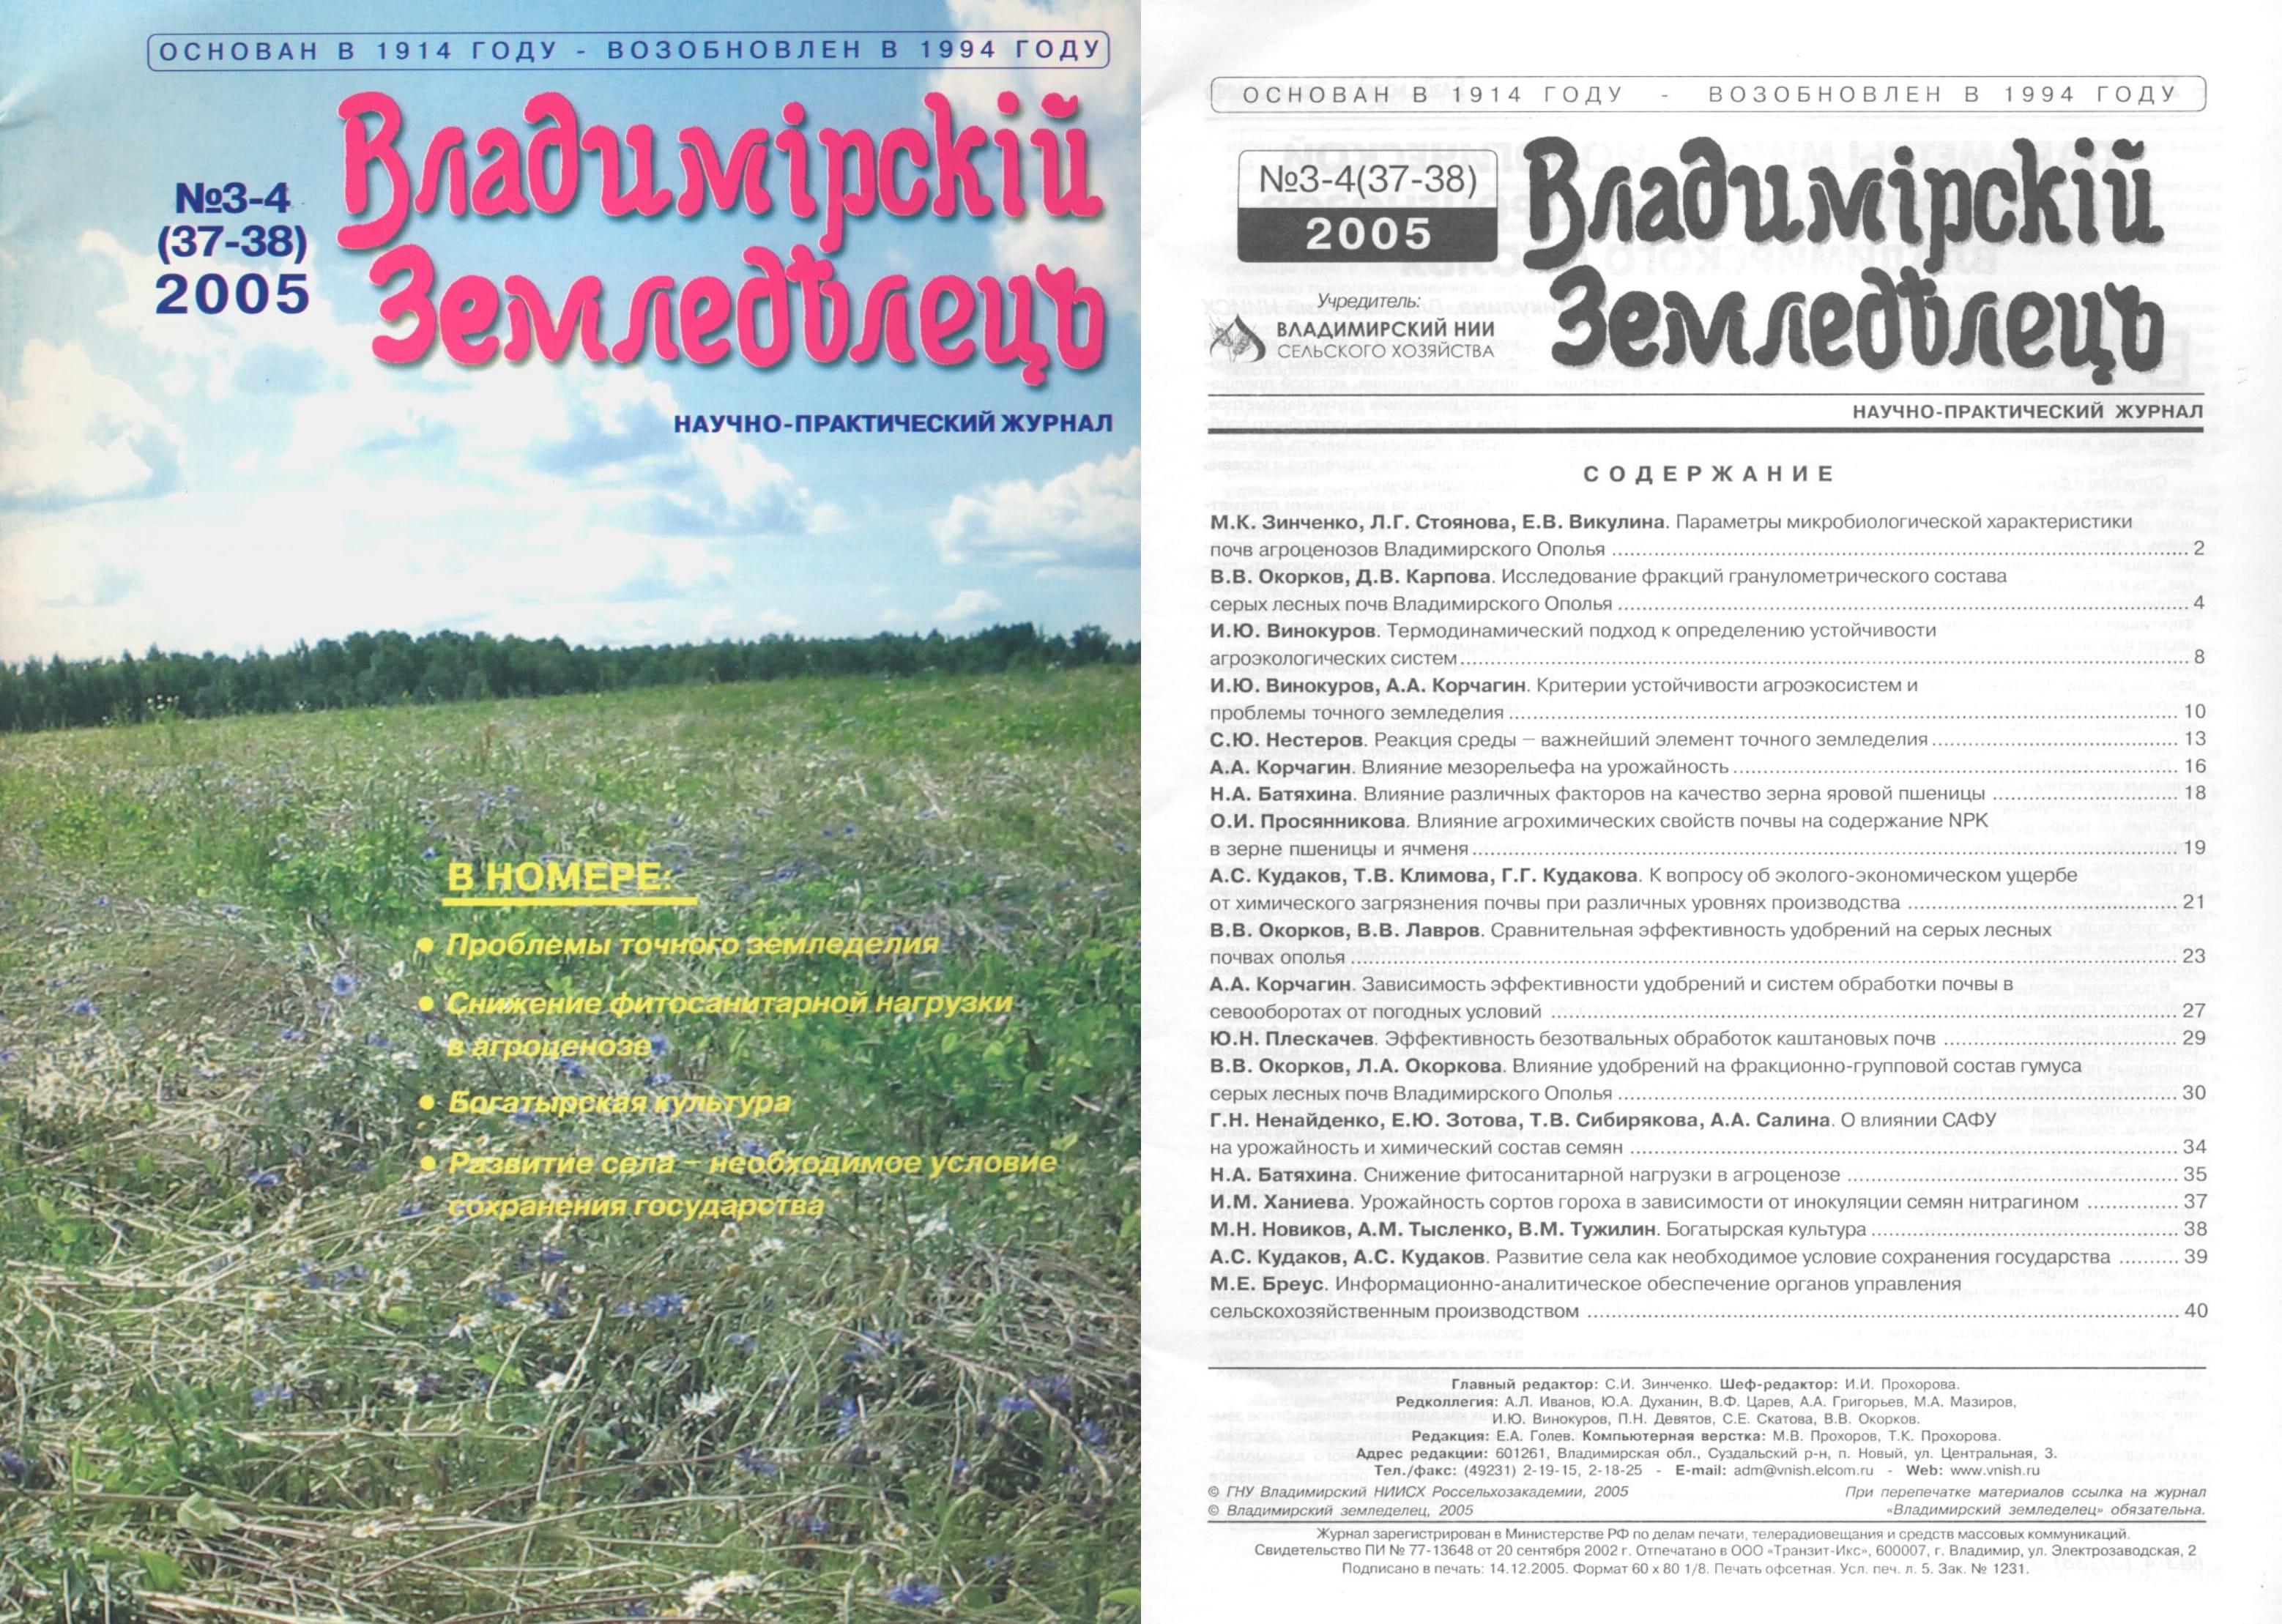 Владимирский земледелец 3-4(37-38) 2005